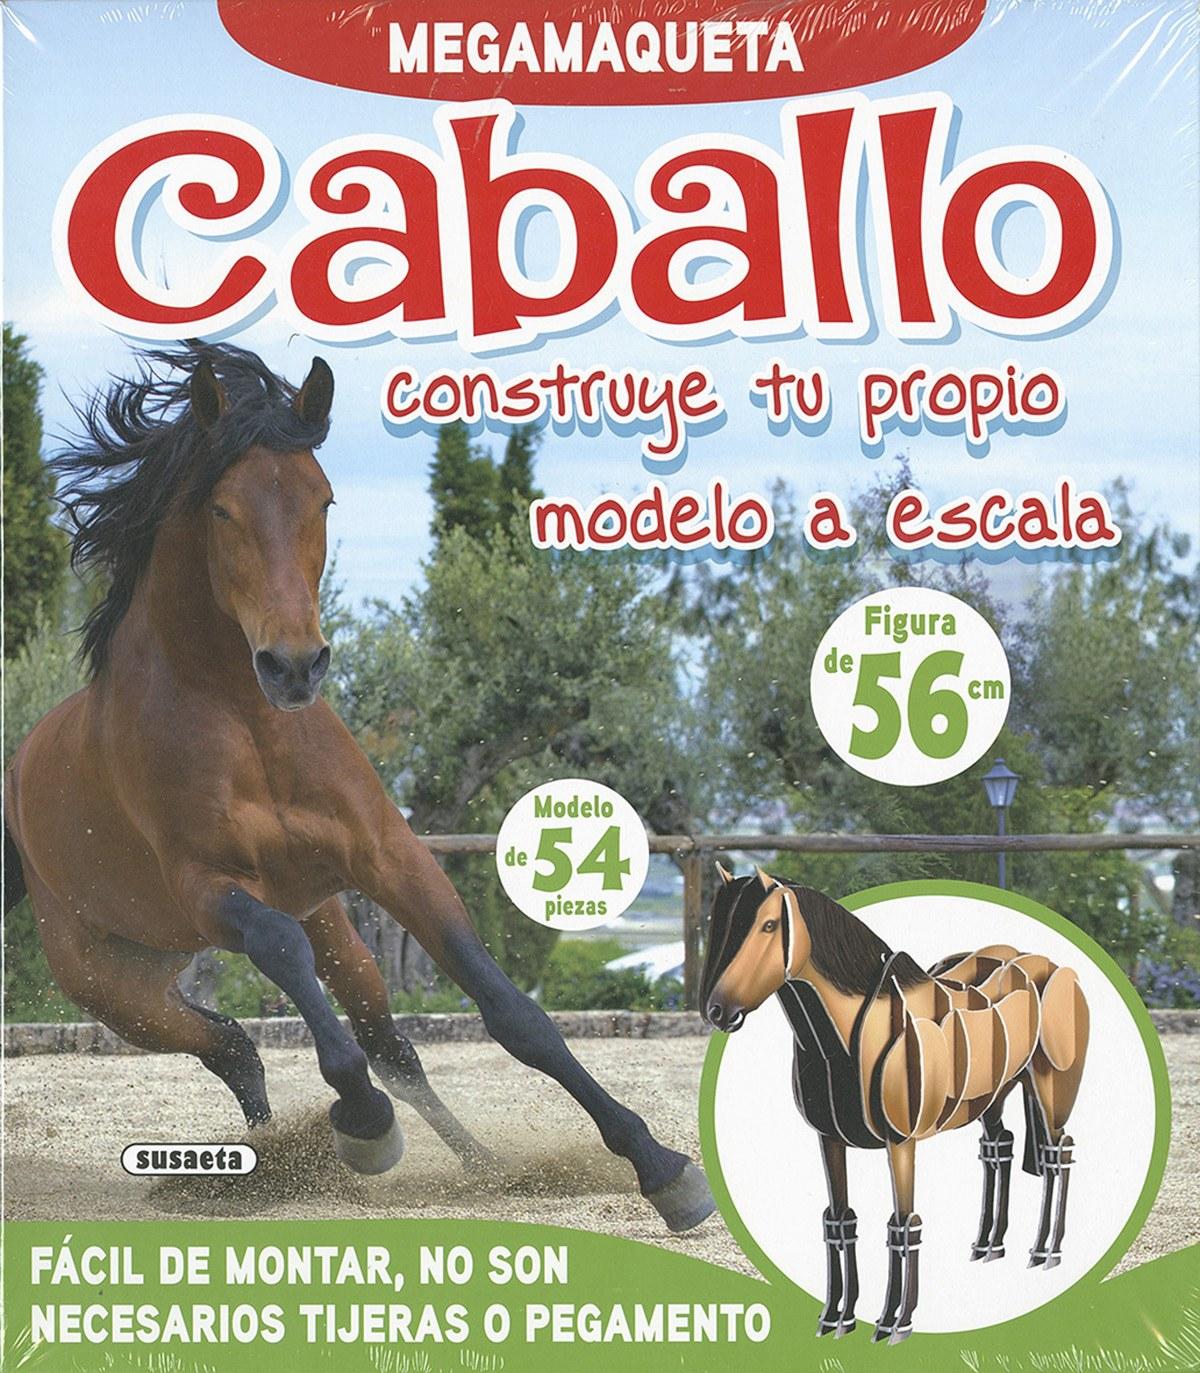 CABALLO, CONSTRUYE TU PROPIO MODELO A ESCALA